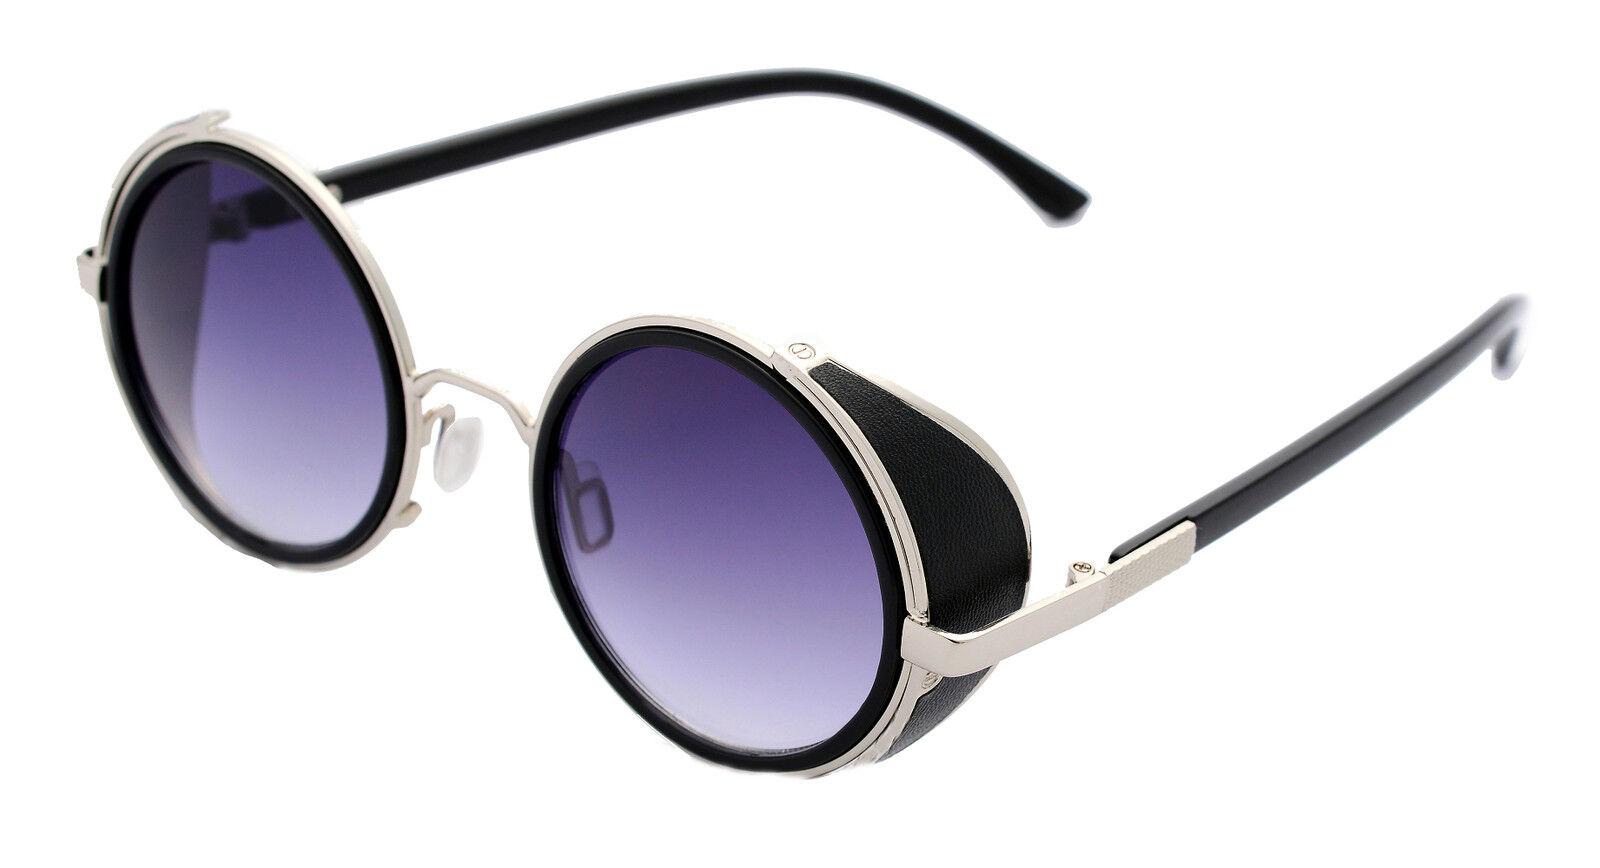 Sonnen Brille Steampunk 50er Rund Brillen Cyber Vintage Retro Stil Blinder tNcuyLYLeq